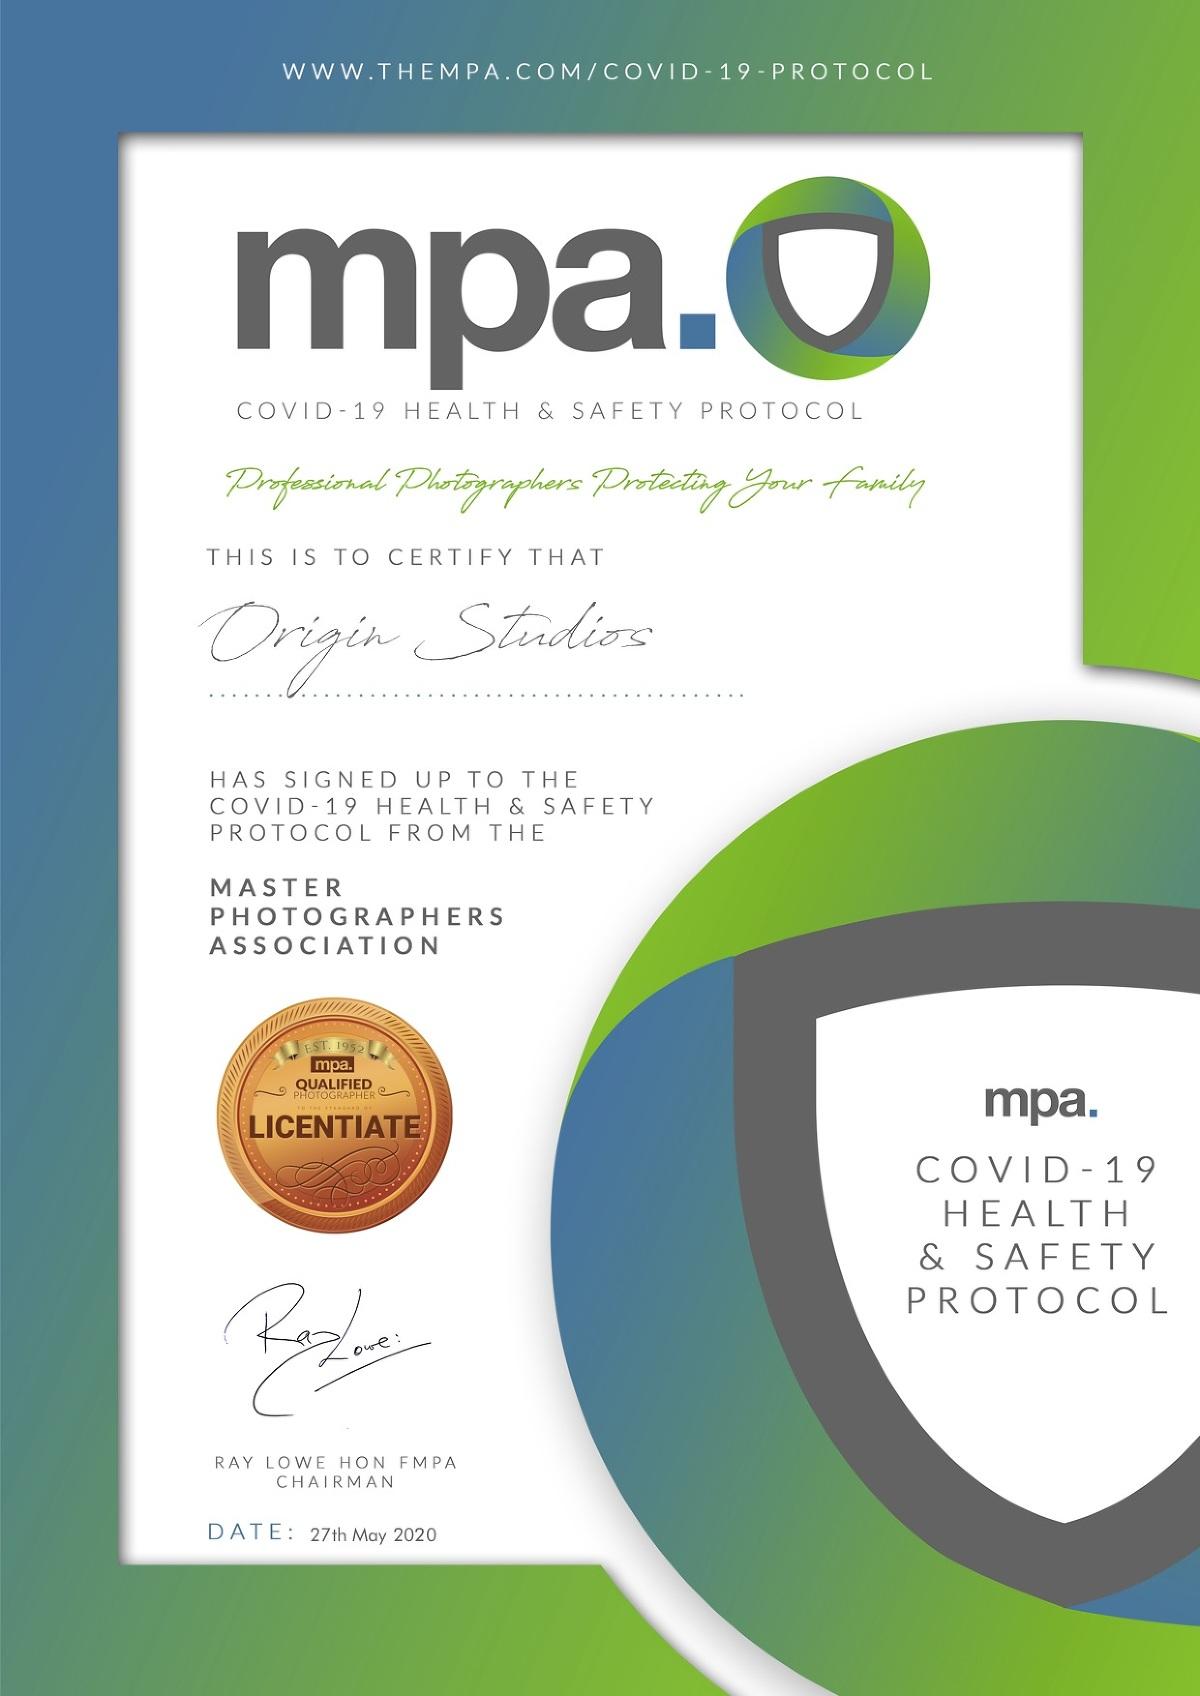 Covid-19 Protocol Certificate